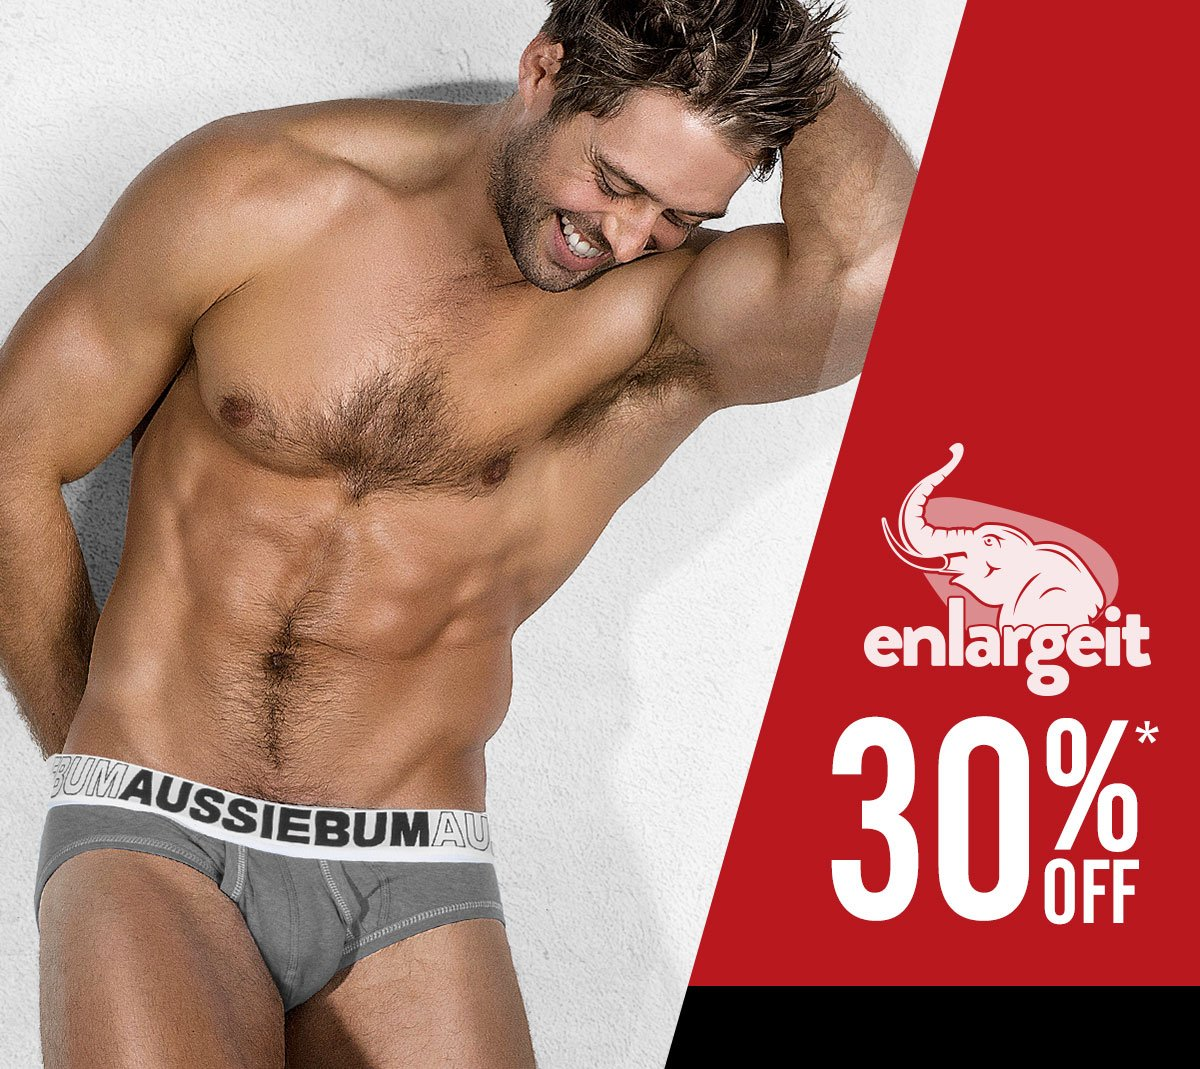 EnlargeIT Grey Marle Homepage Image